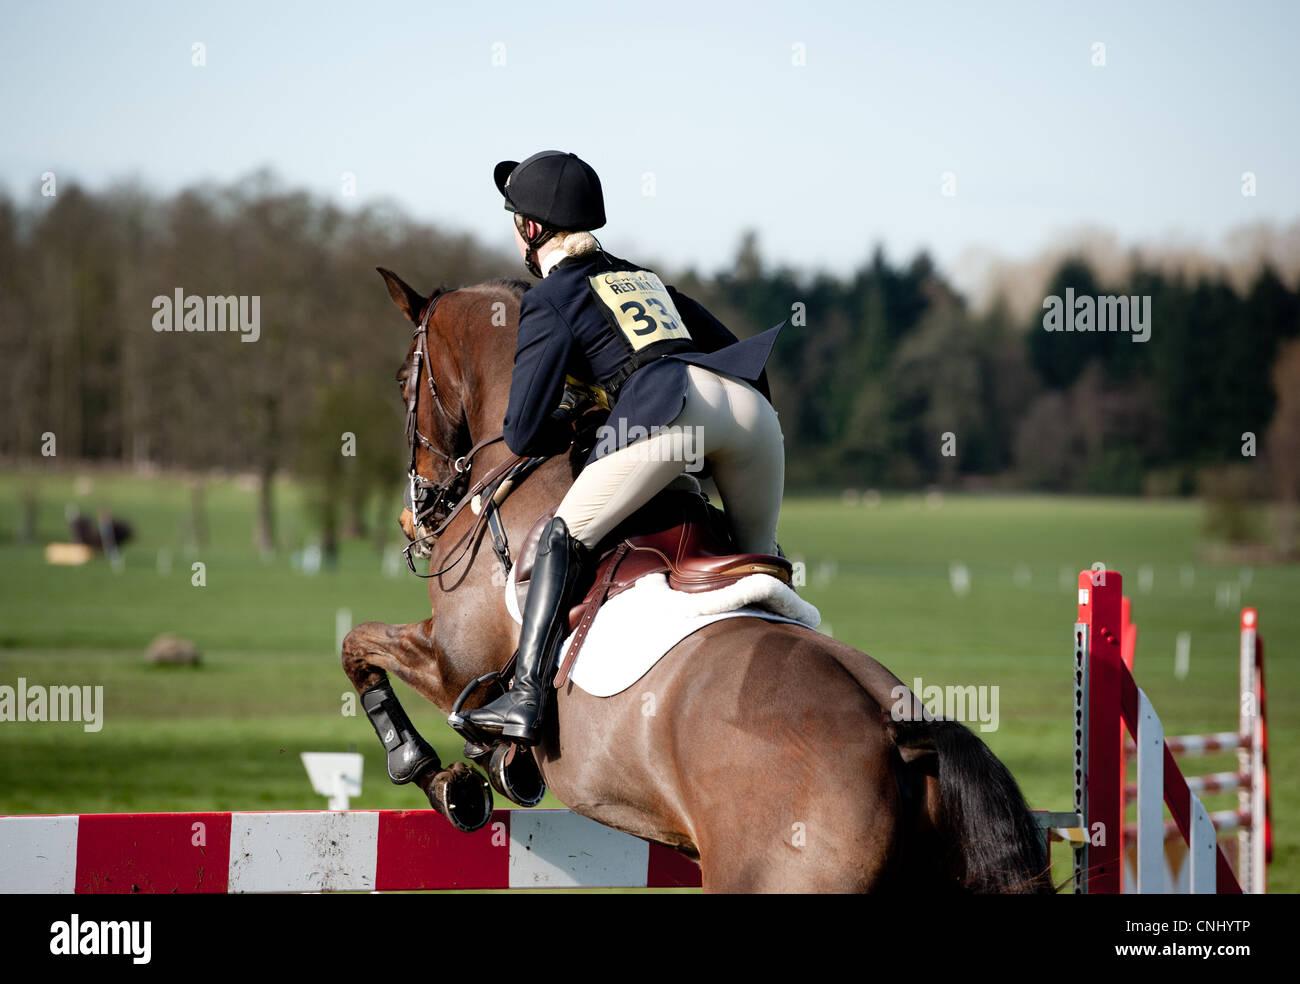 Horse Show Jumping Imagen De Stock